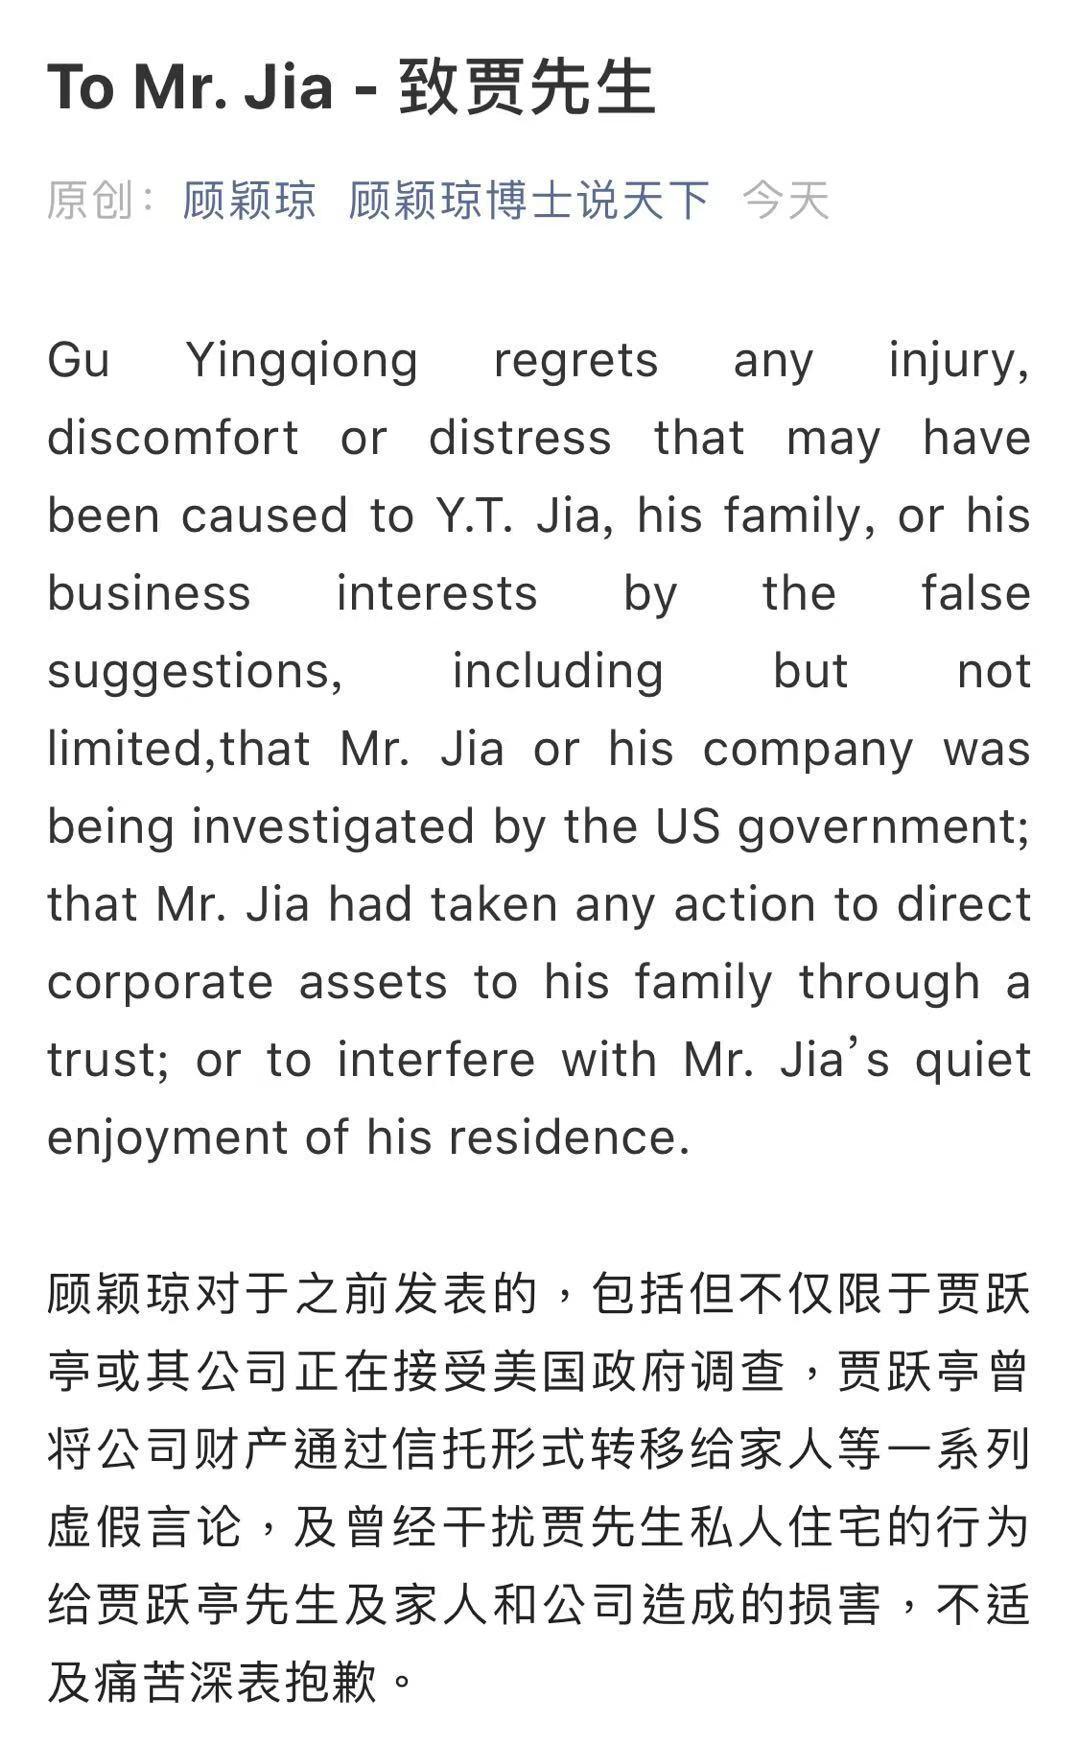 顾颖琼道歉:贾跃亭通过信托转移资产为虚假言论